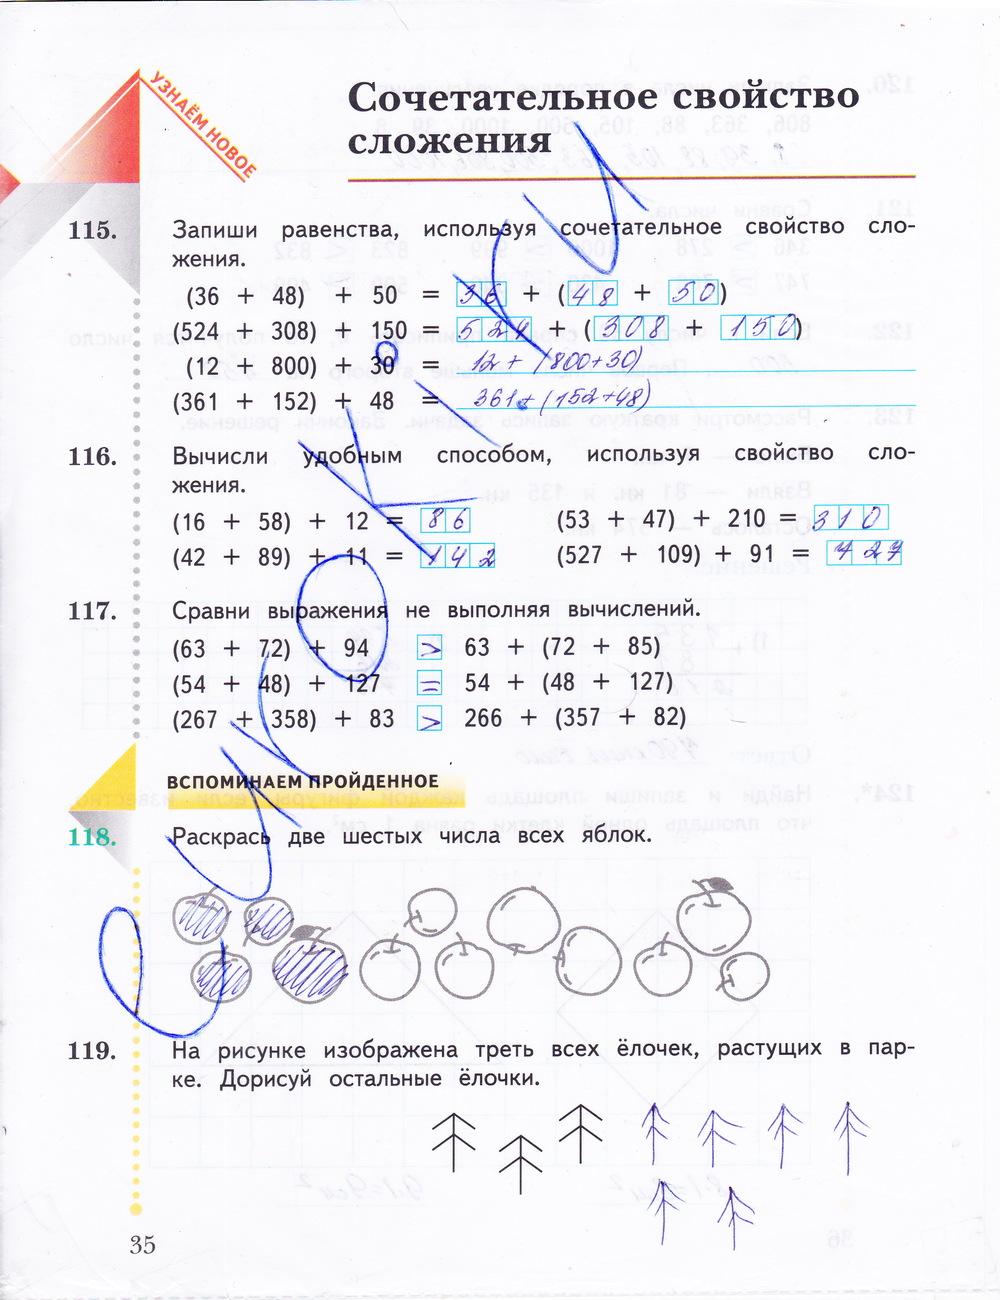 3 Класс Математика Решебник В.н Рудницкая Сумма 35и5 Больше10